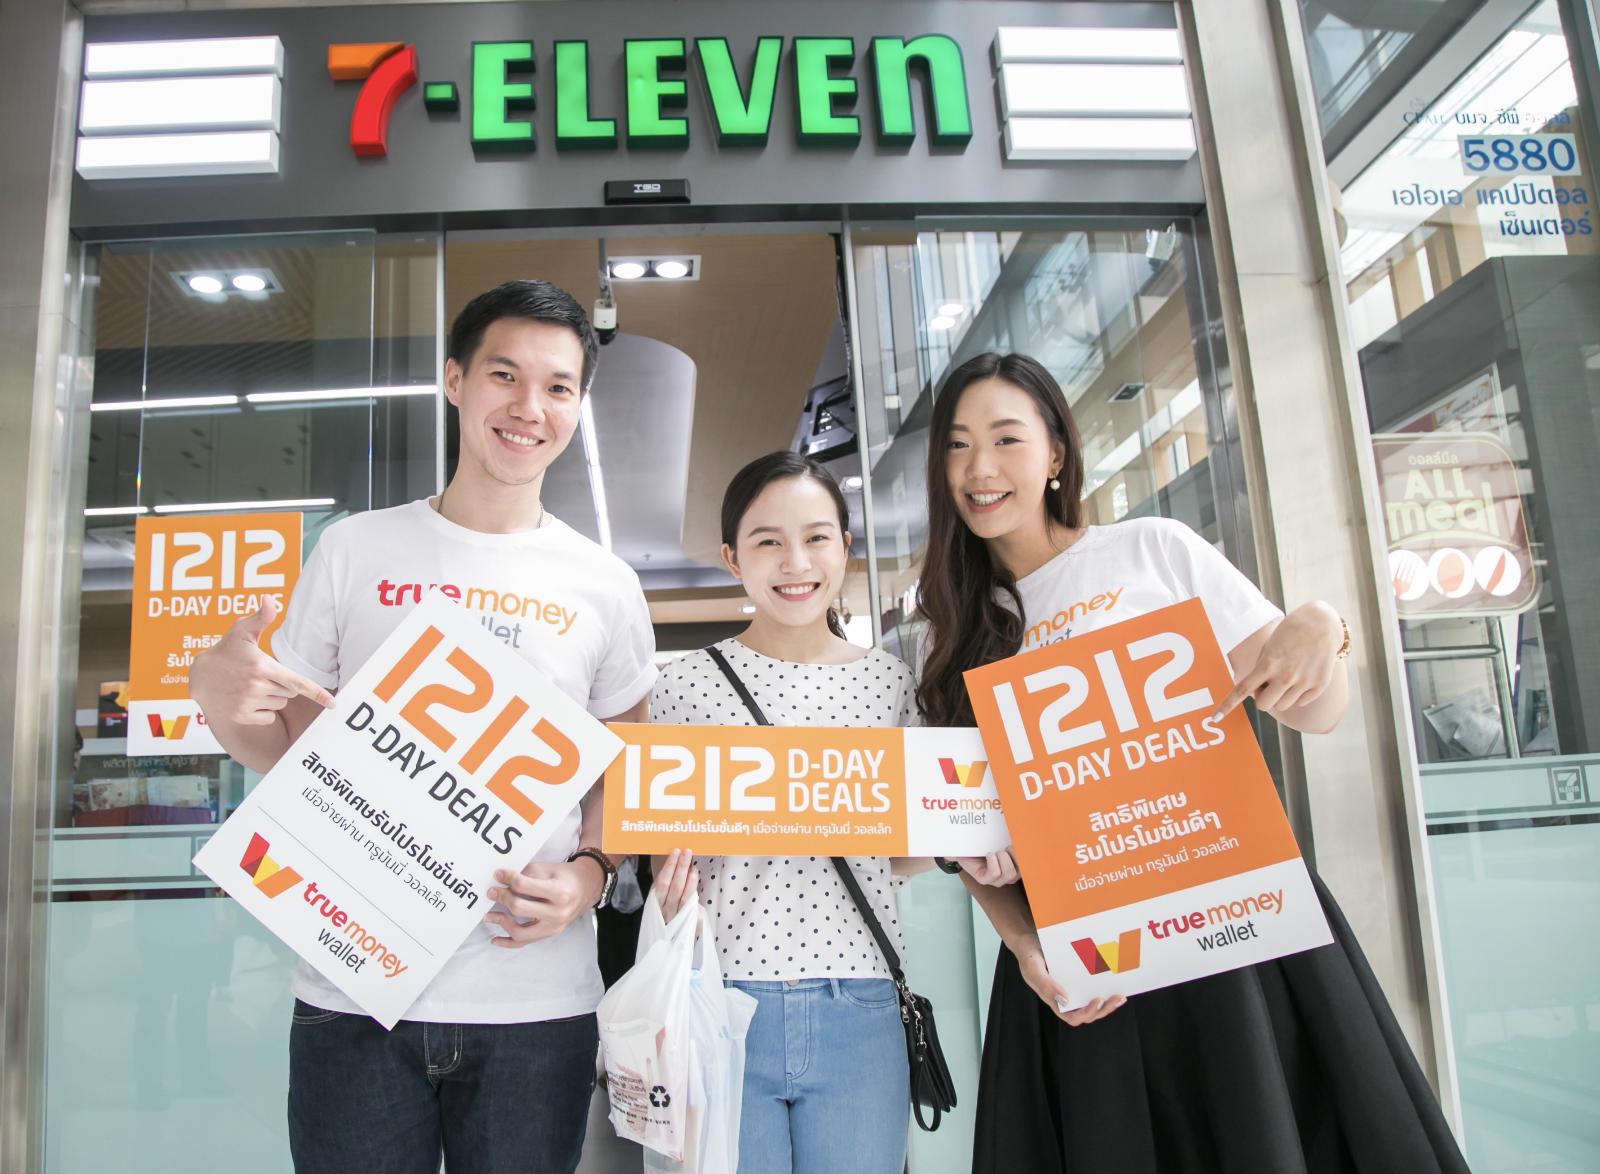 泰国版支付宝truemoney用户也将首次享受双12优惠。_meitu_18